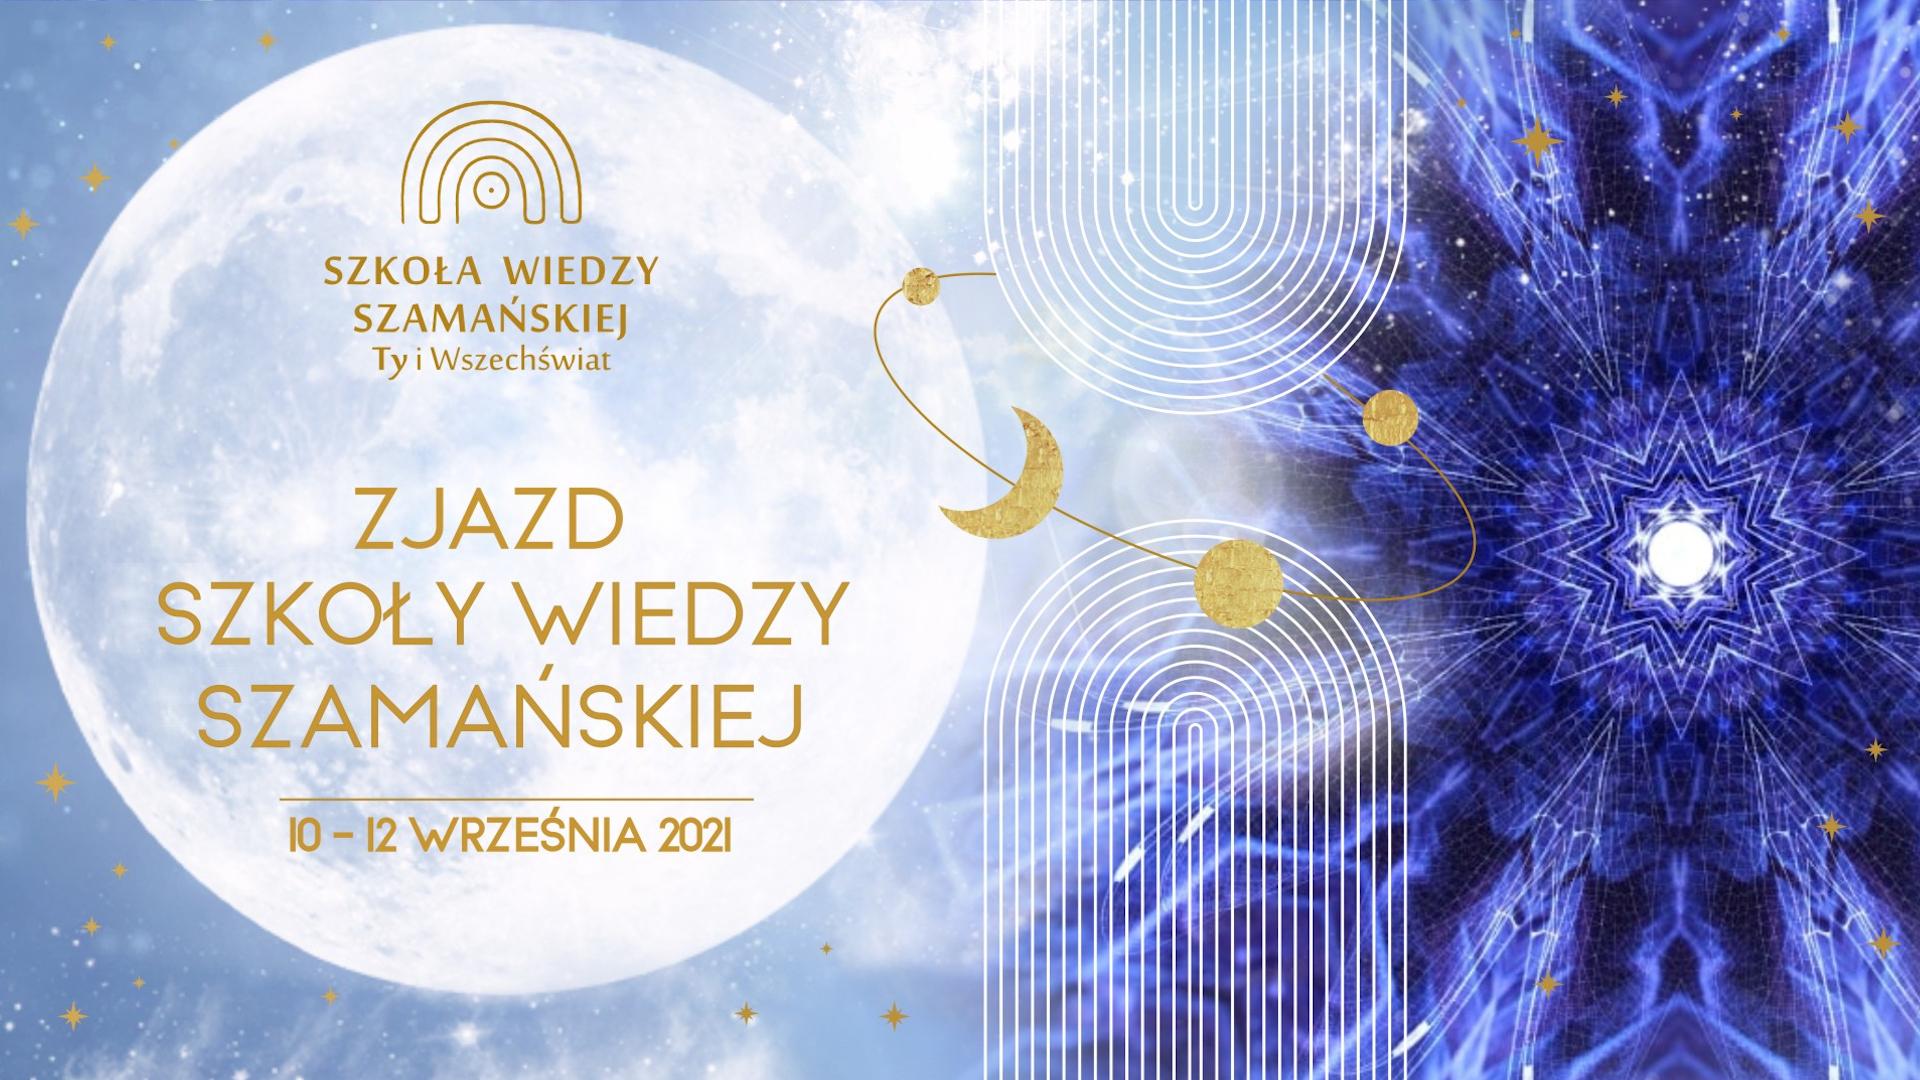 Szkoła Wiedzy Szamańskiej / wrzesień 2021